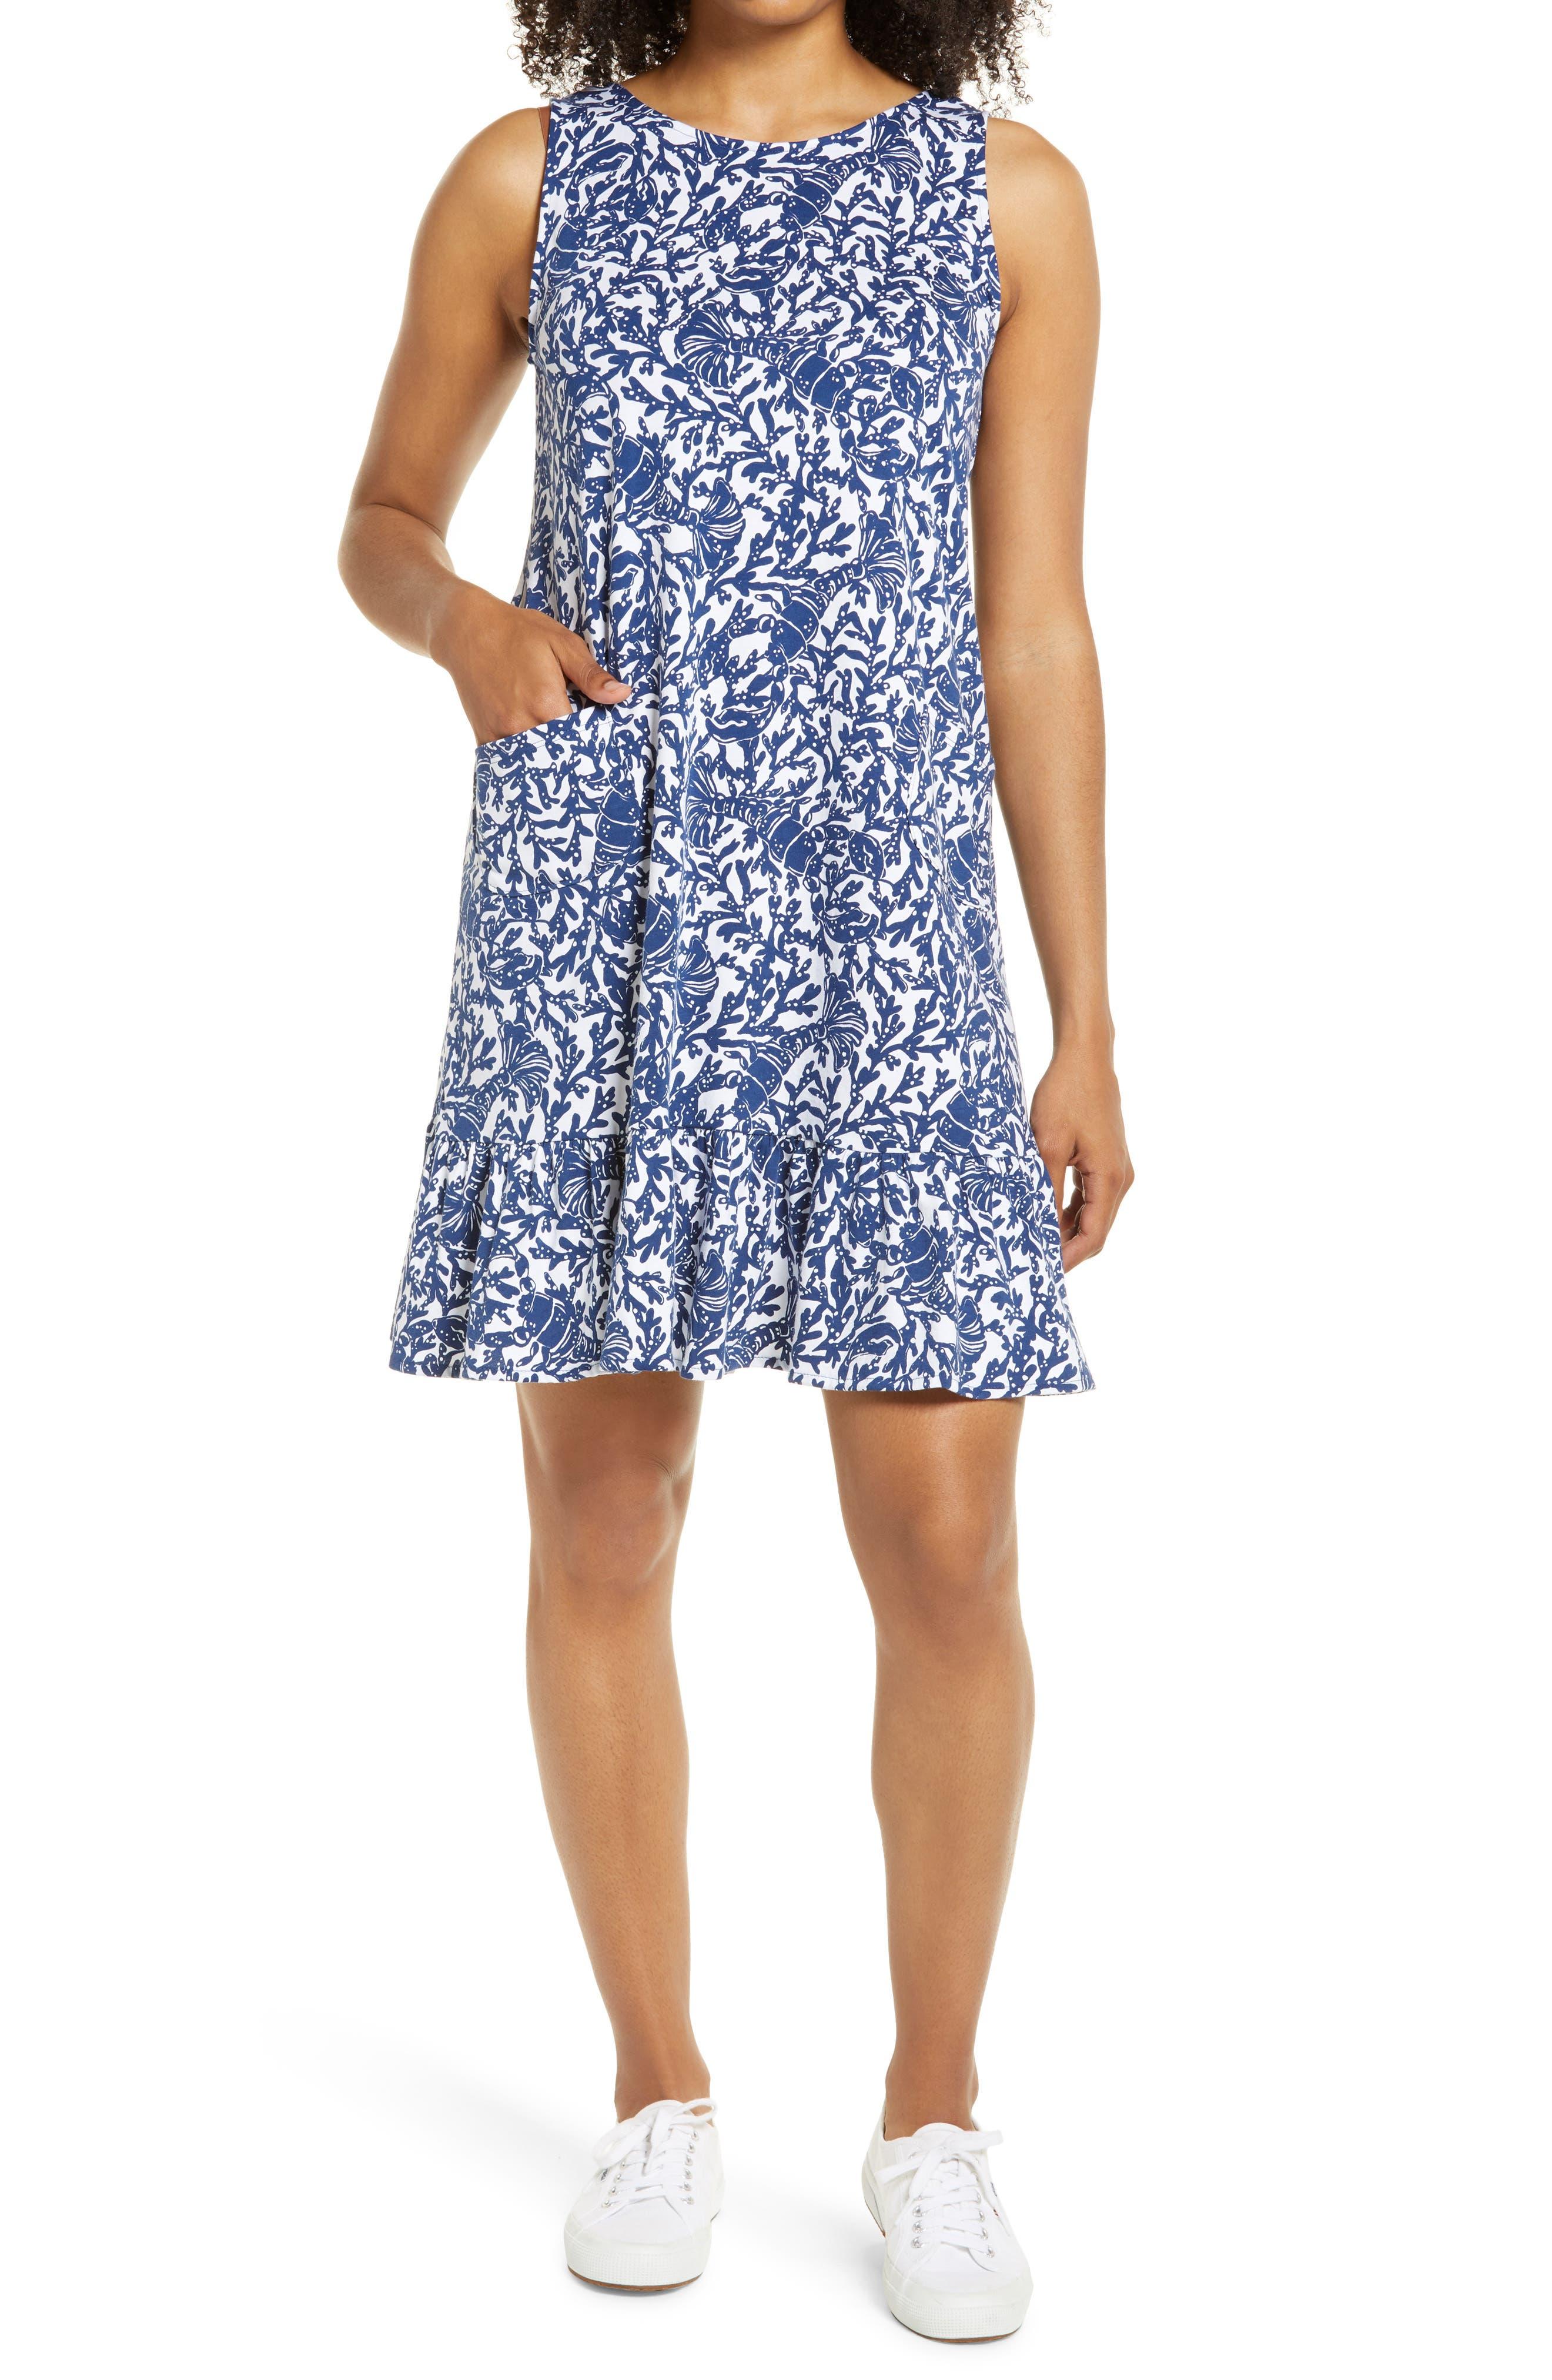 Women's Lilly Pulitzer Kristen Flounce Dress